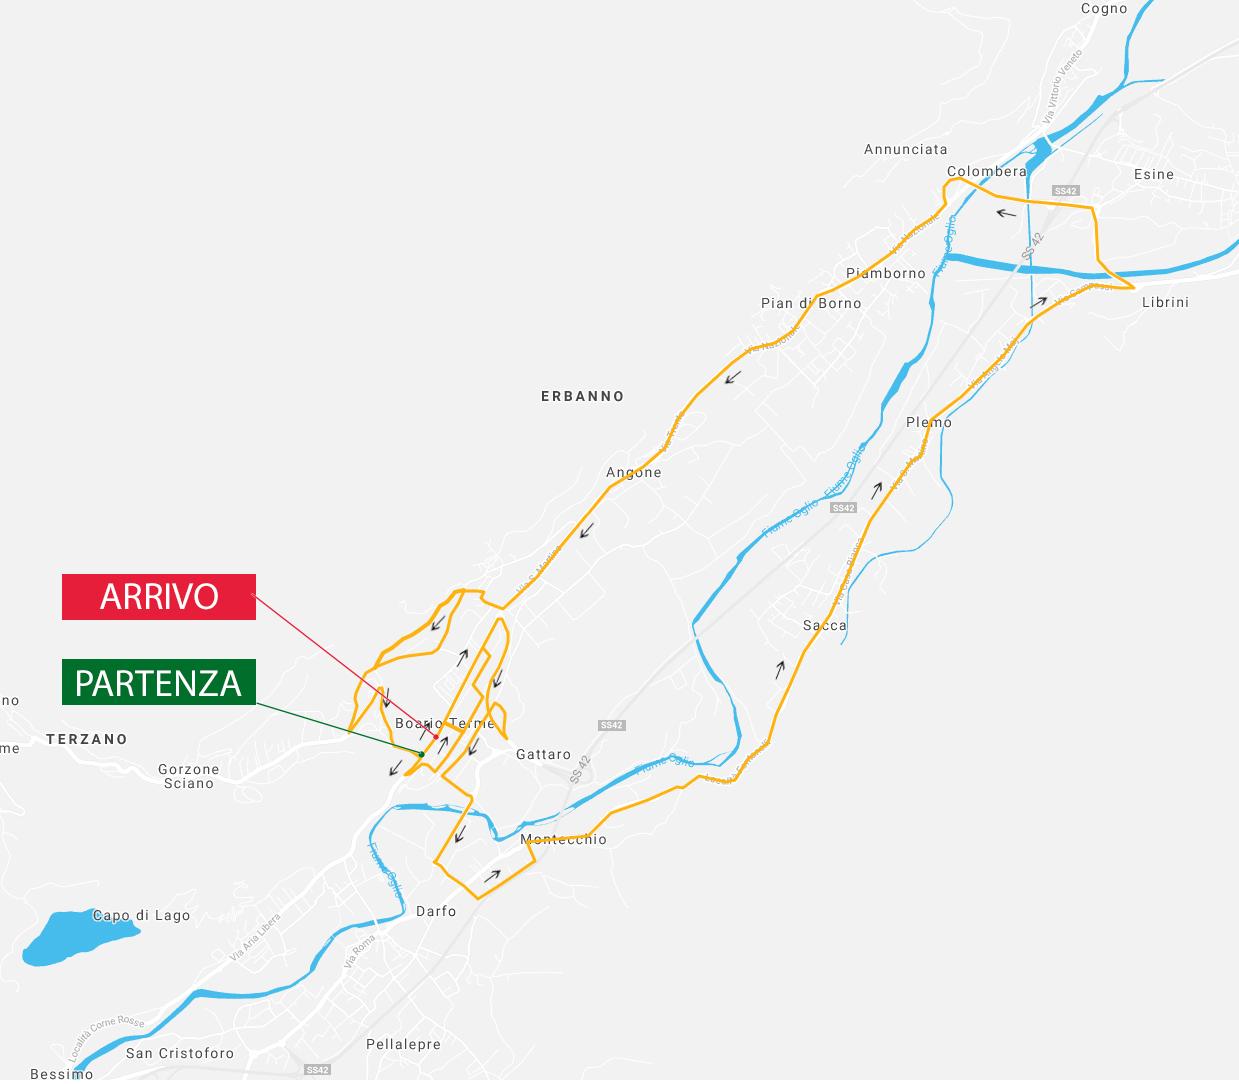 Planimetria Campionati italiani ciclismo 2021 Boario Terme Donne Junior